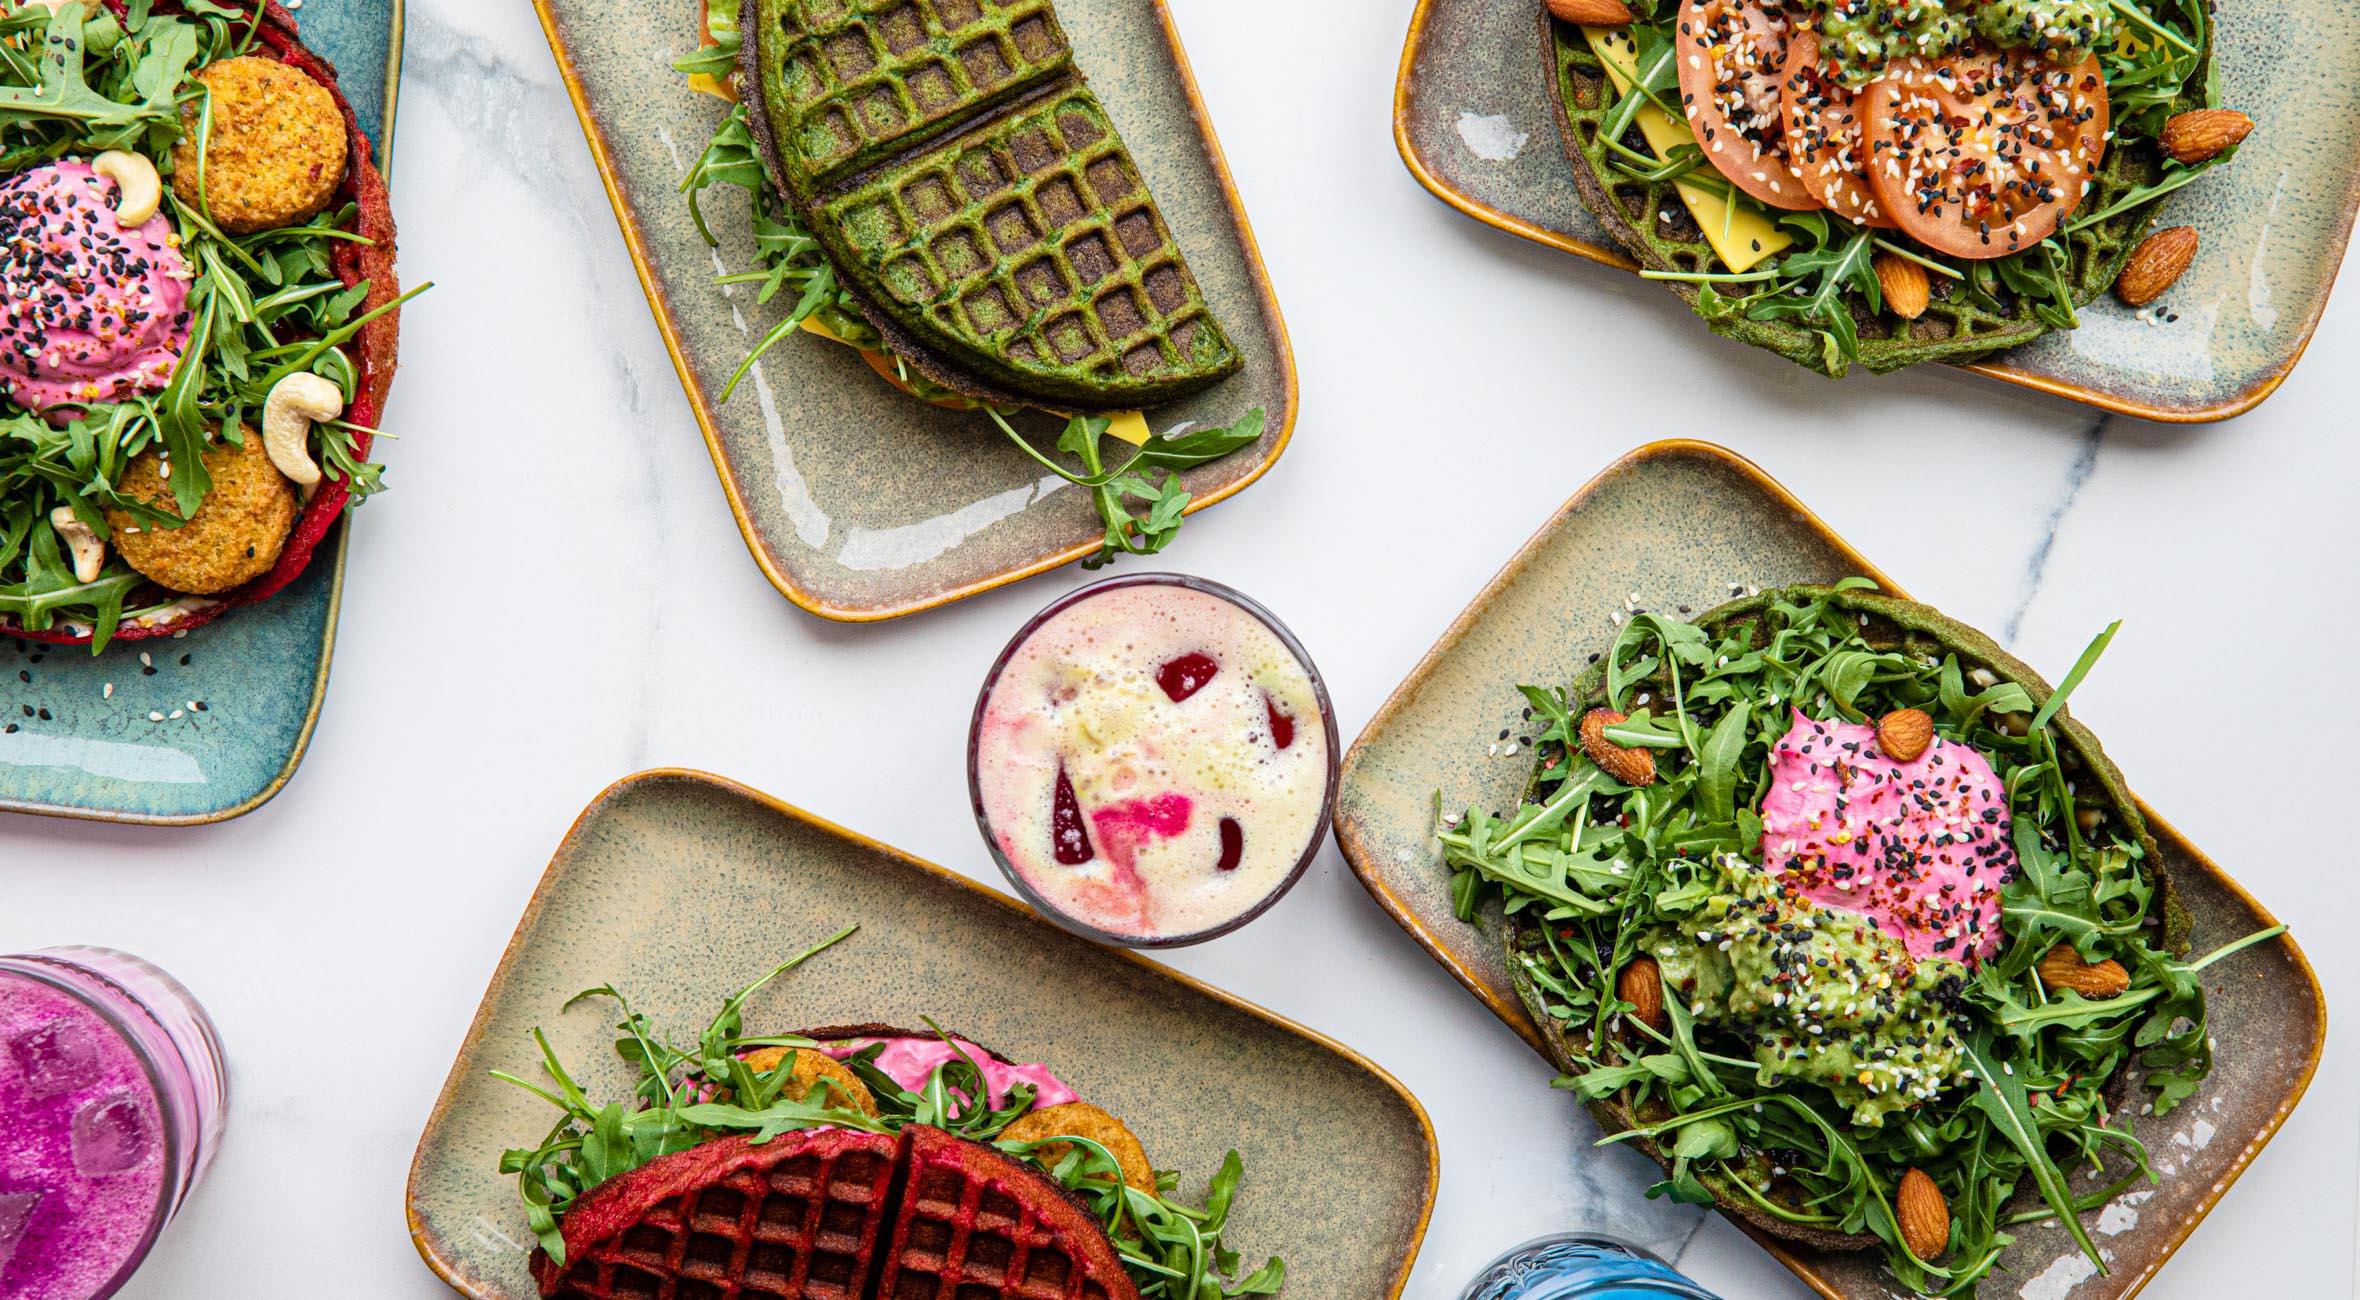 2 signature waffles + 2 drikke hos Matcha Bar i Magasin – Få superfood drikke og vafler toppet med avocado, hummus og falafel